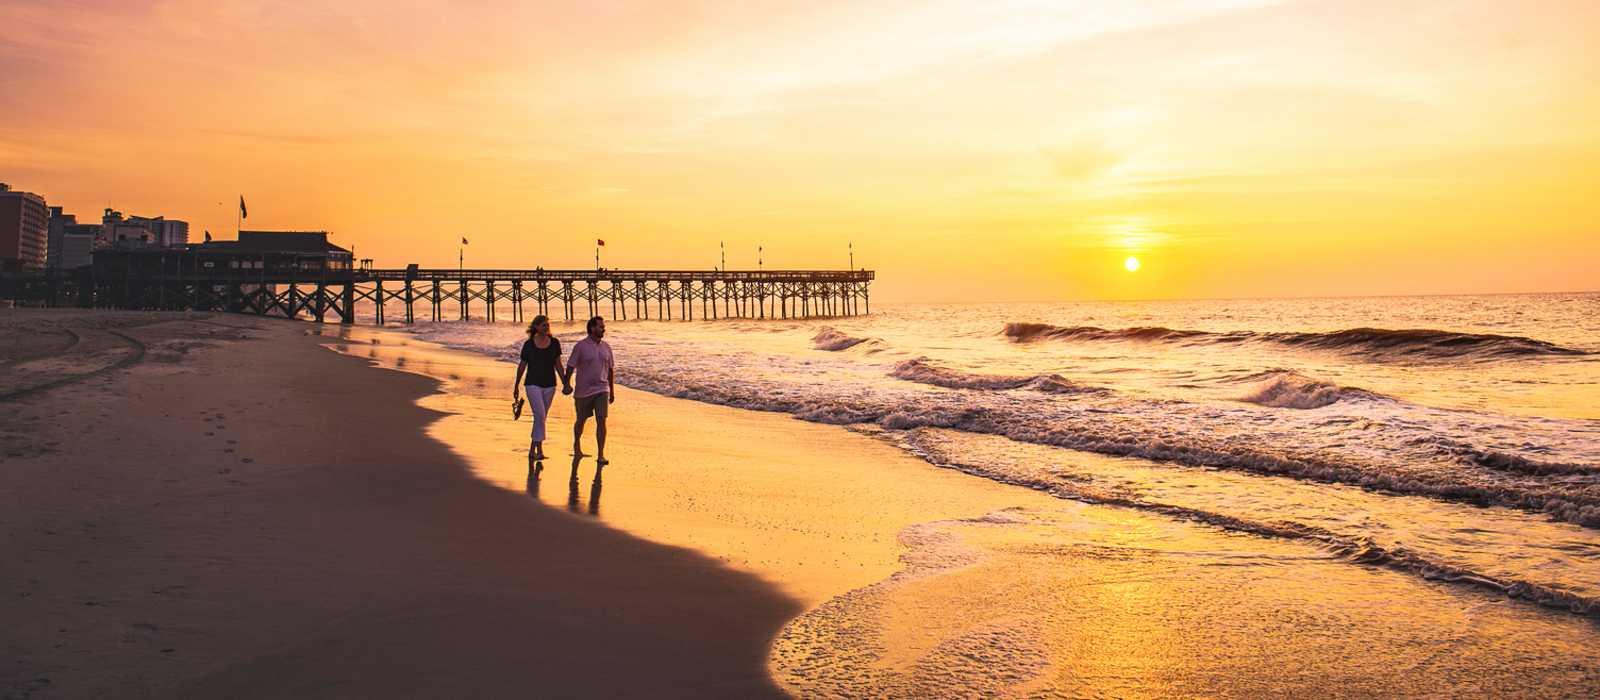 Bei Sonnenuntergang am Strand von Myrtle Beach entlang spazieren